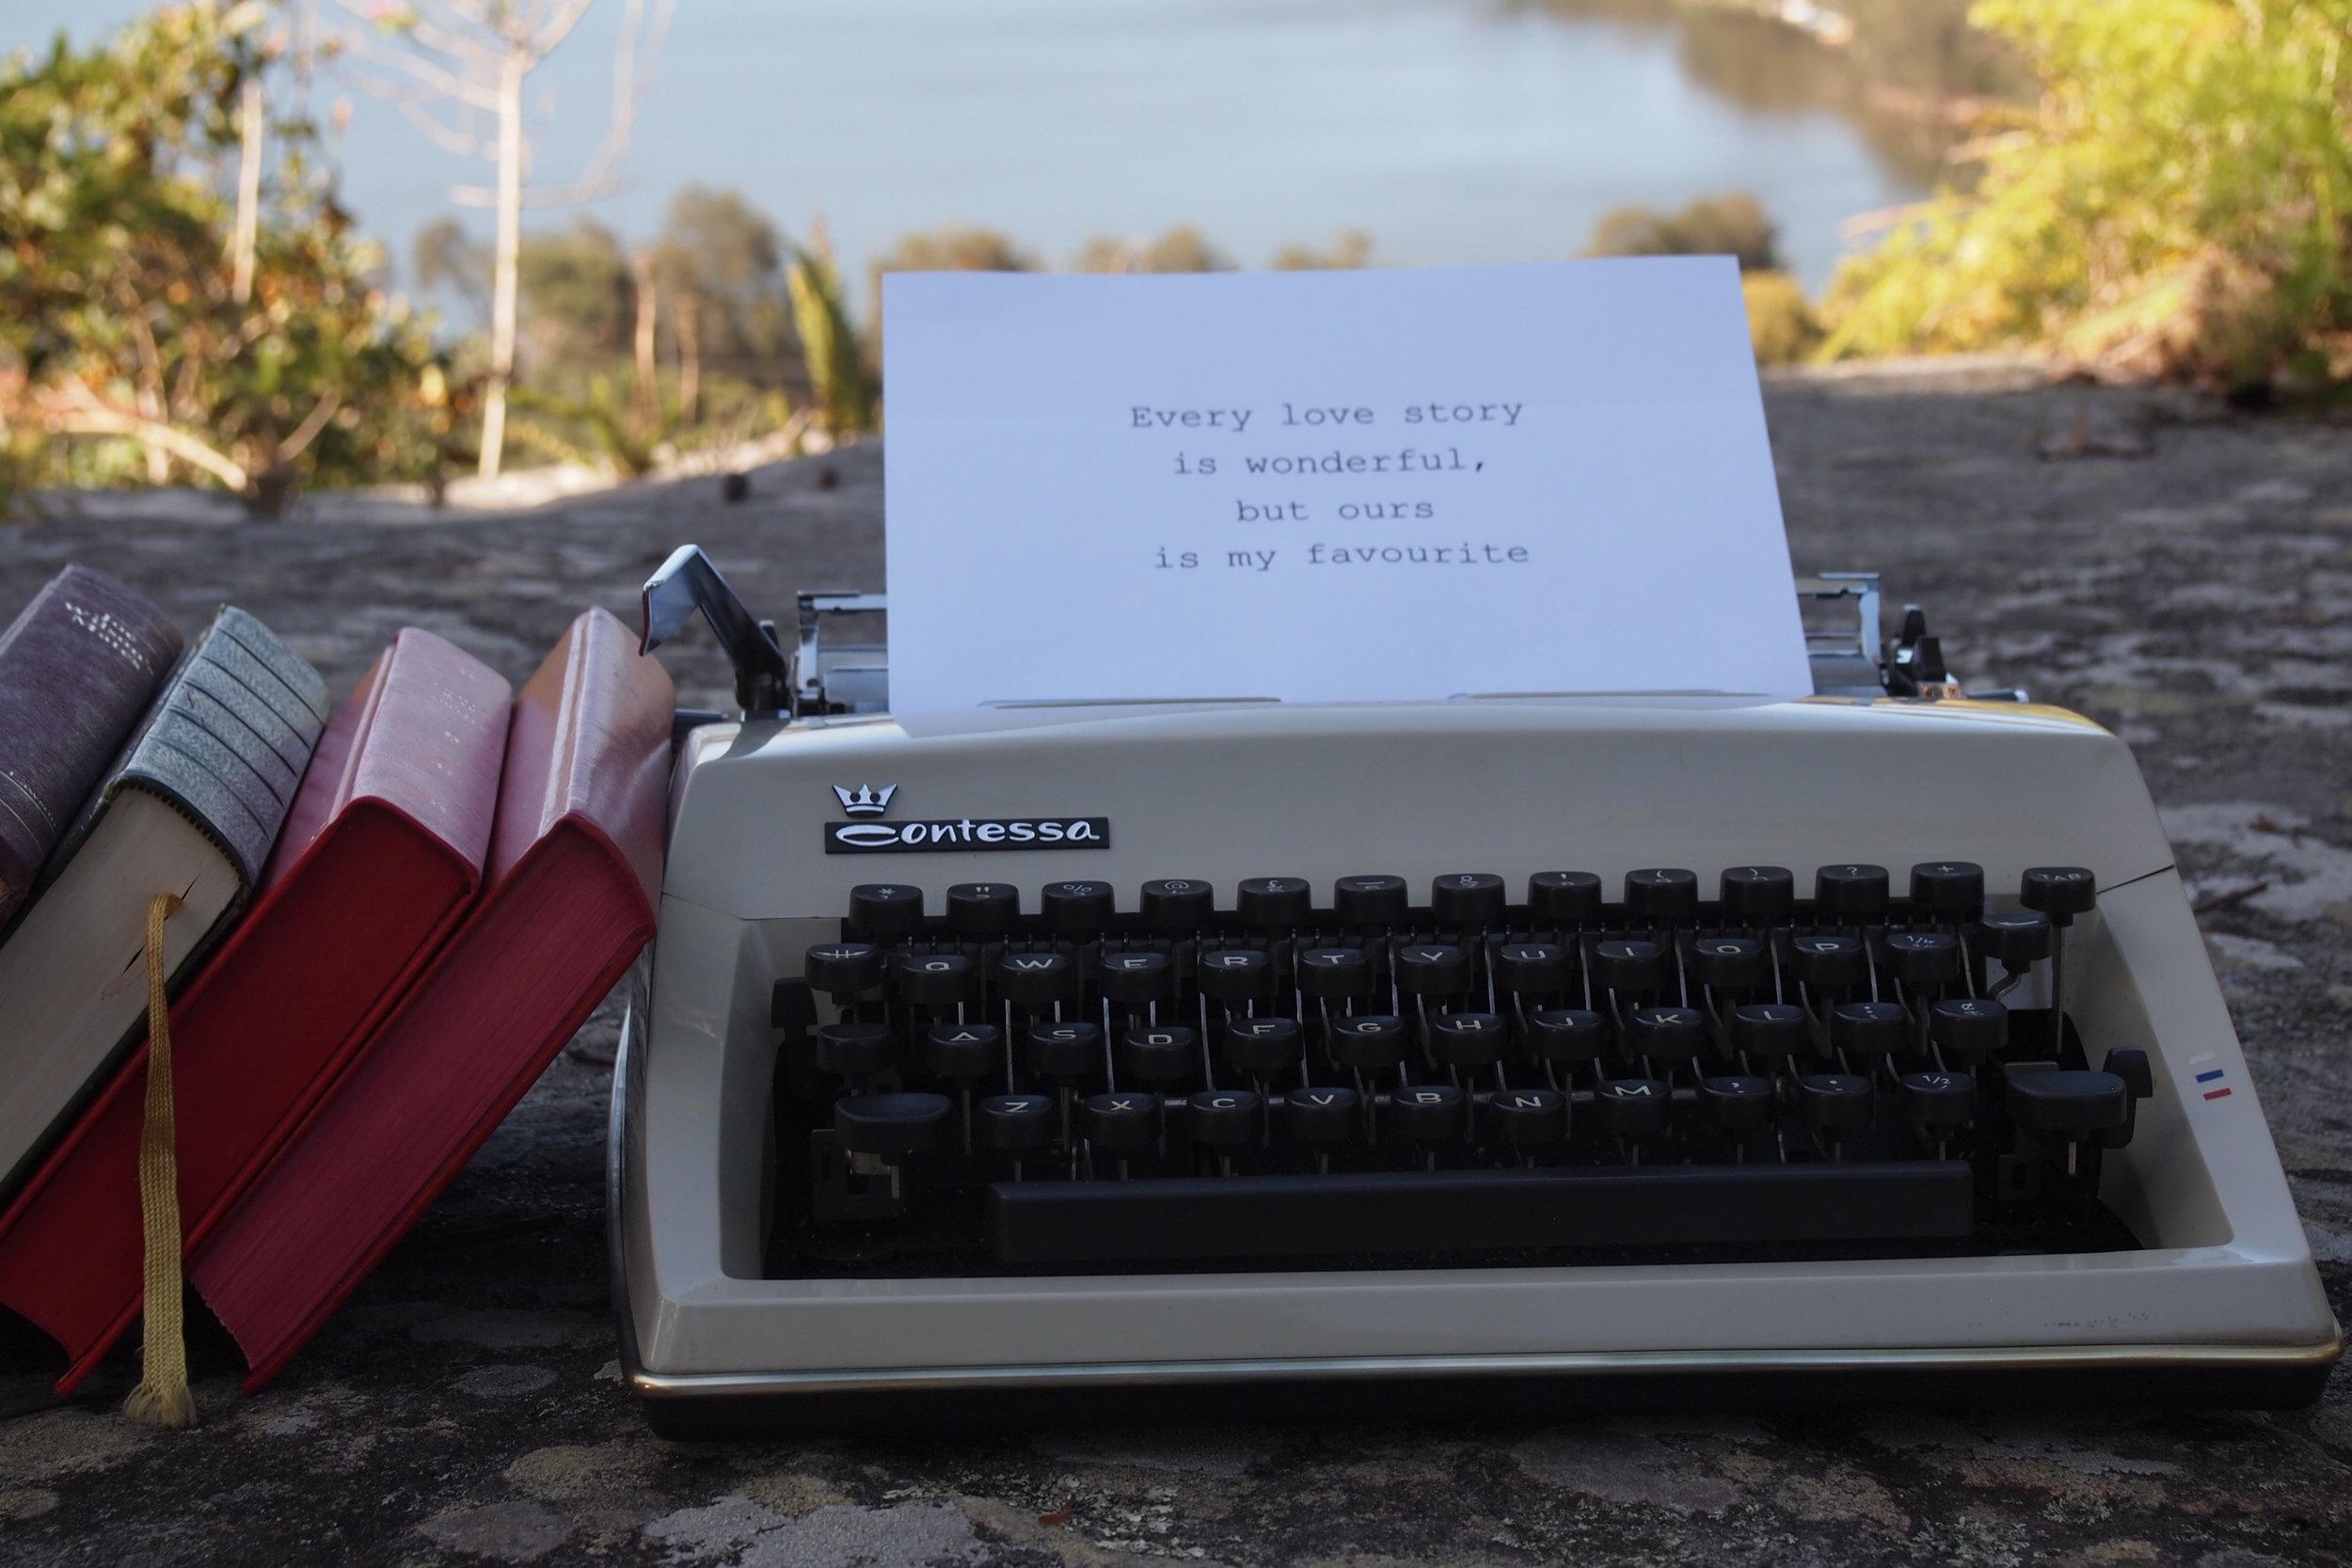 Vintage Typewriter # $15